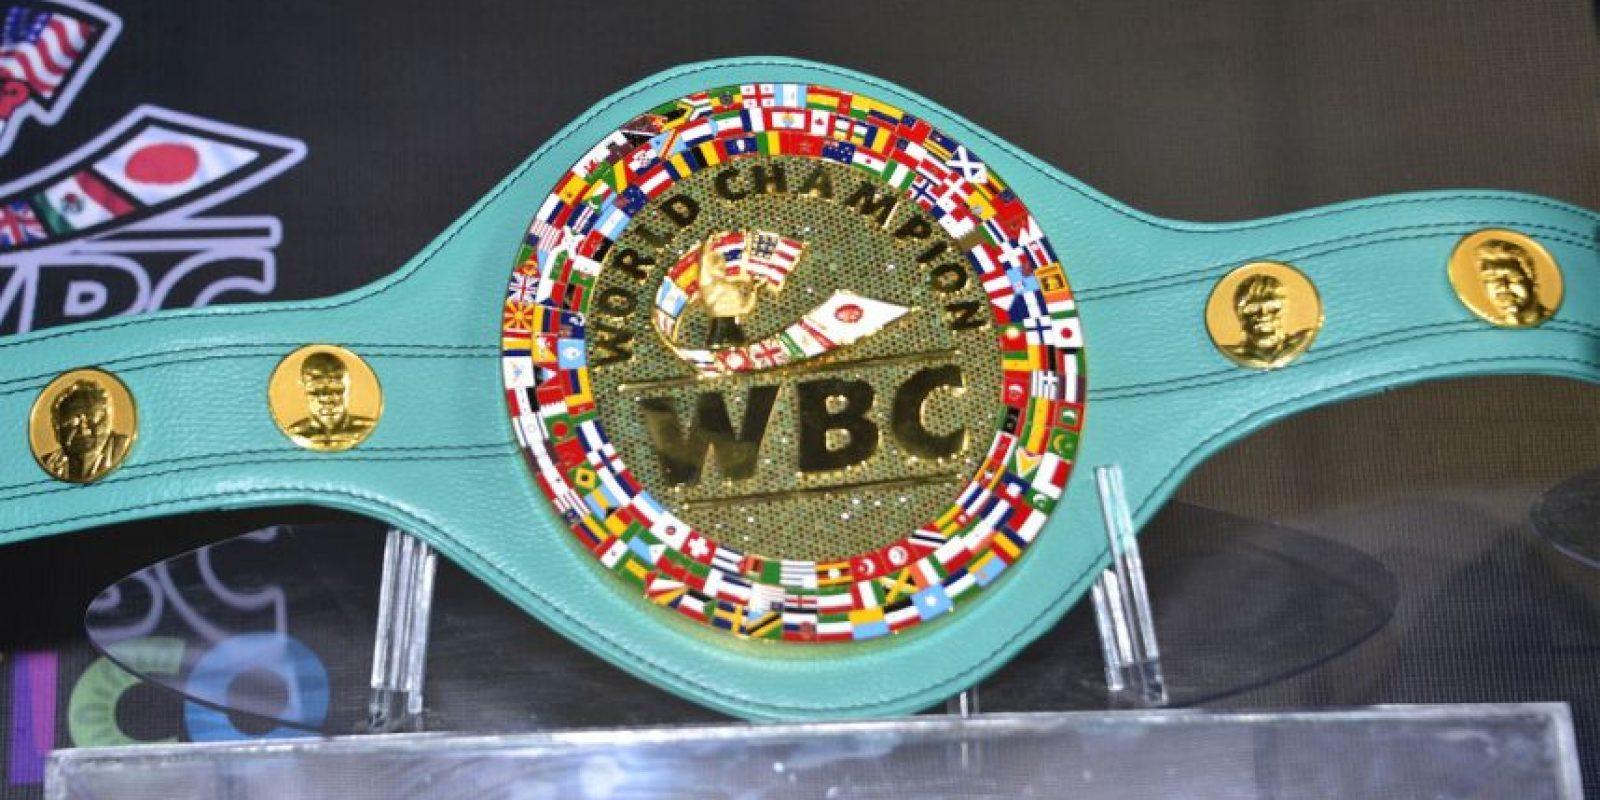 El cinturón que Mauricio Sulaimán, (presidente del Consejo Mundial de Boxeo) entregará al ganador de la pelea entre Manny Pacquiao y Floyd Mayweather, es una pieza de arte que fue elaborada en México por dos talleres de artesanos. Foto:World Boxing Council